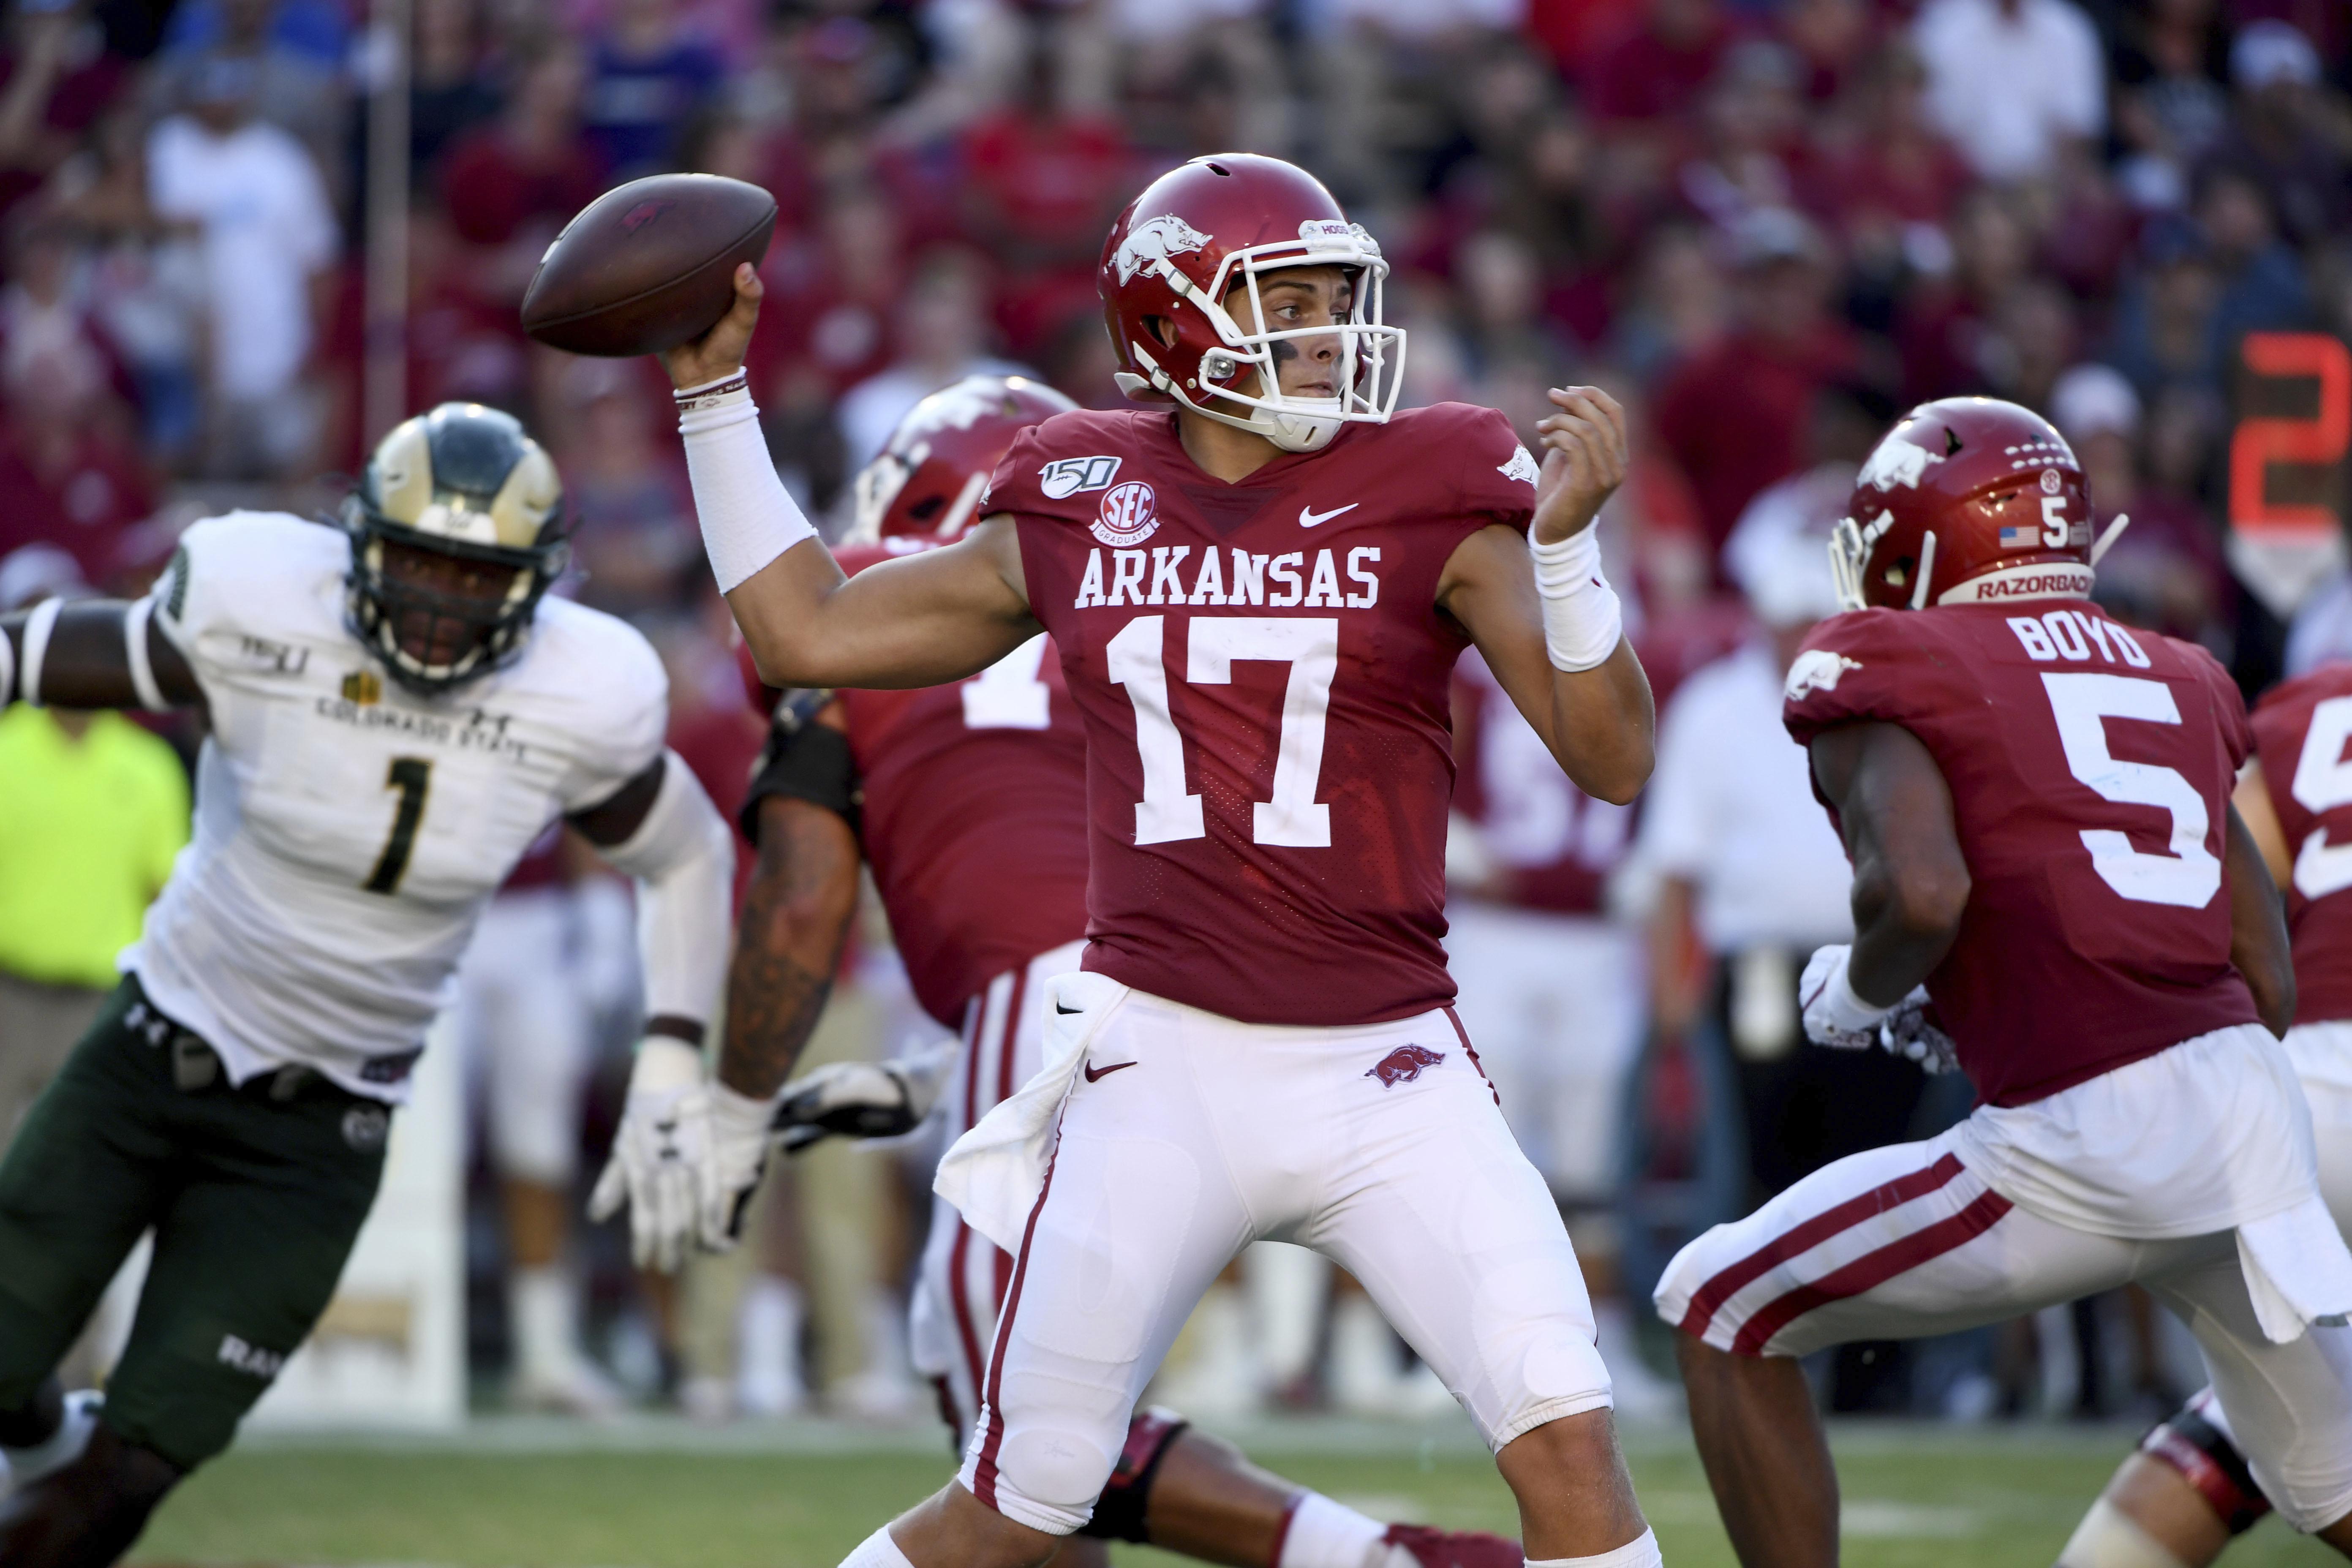 No. 24 Texas A&M hosts No. 1 and untested Alabama